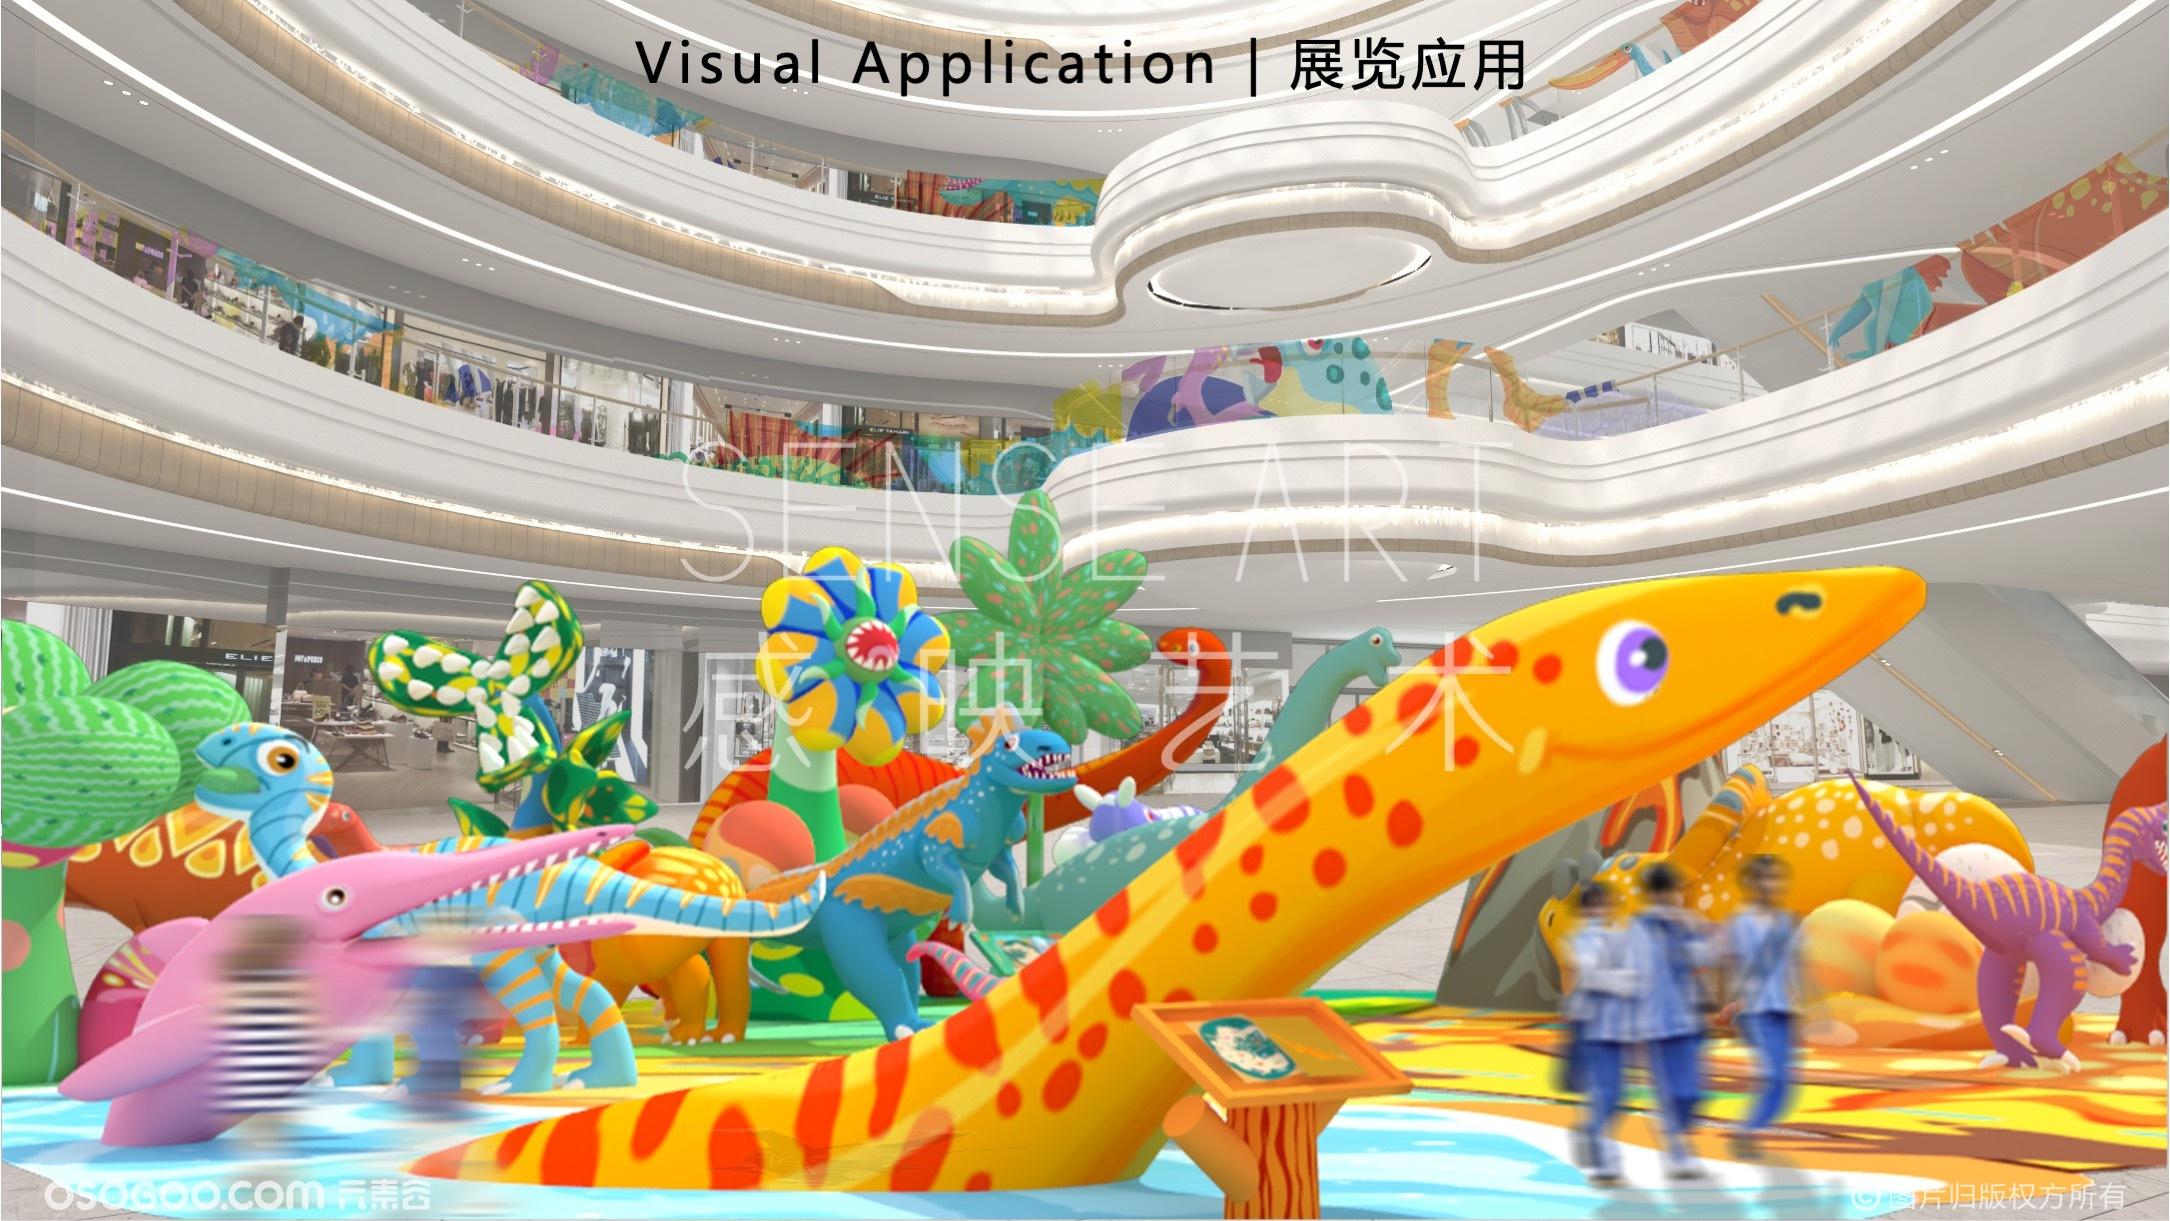 【奇趣恐龙乐园】意大利萌趣潮玩插画艺术家主题IP气模装置展